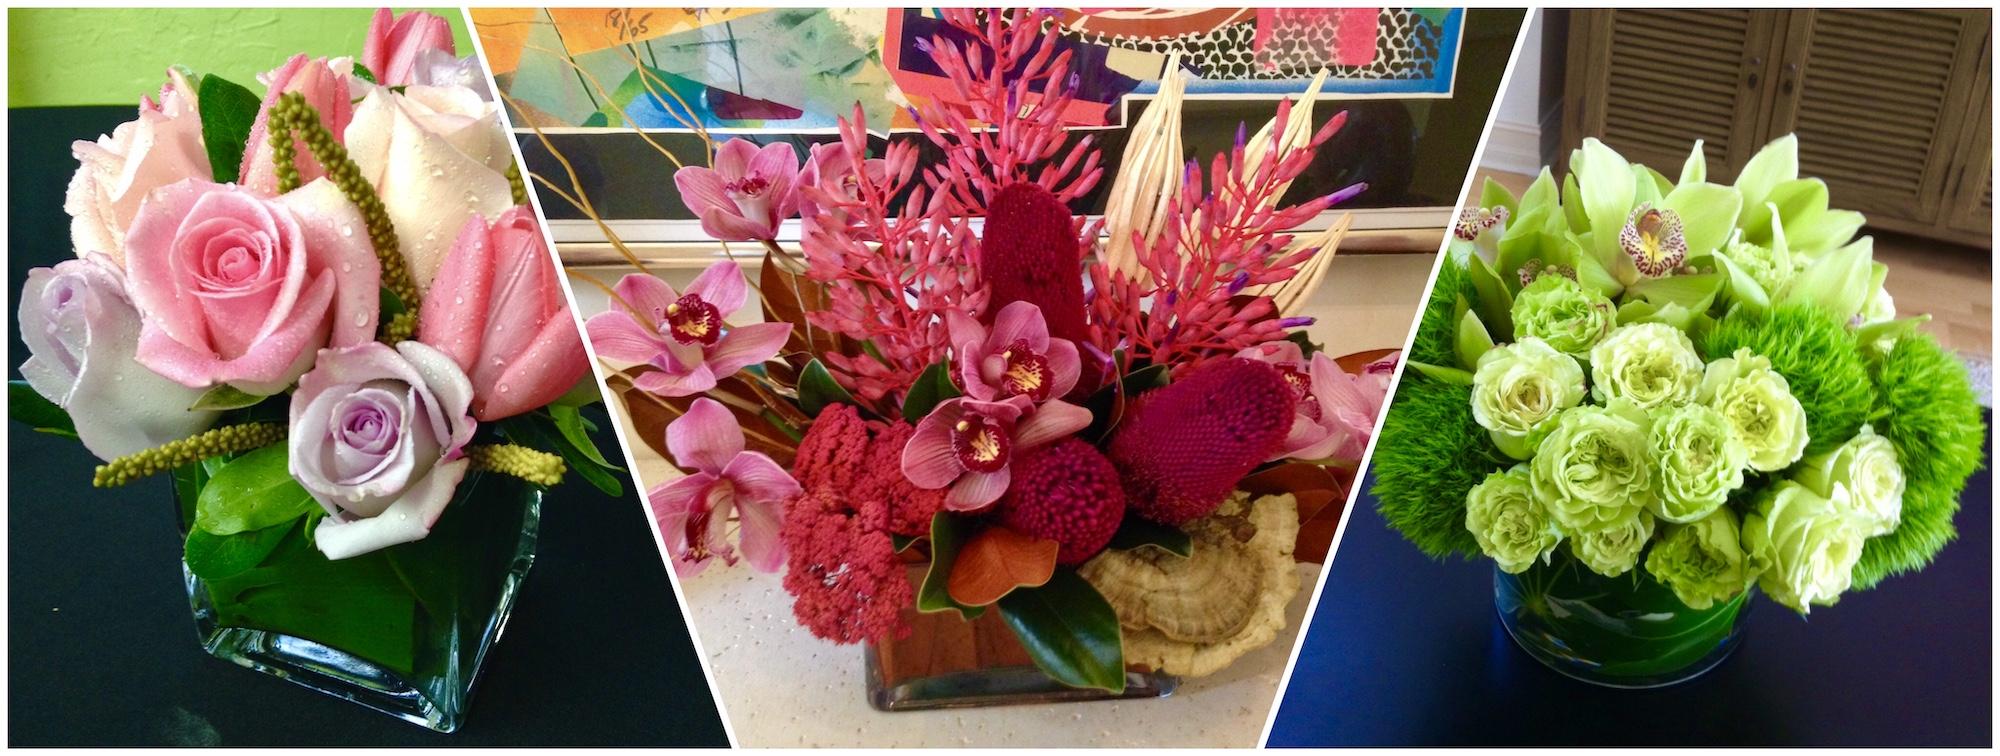 Private Jet Floral Arrangement Service - West Palm Beach, FL Velene's Floral